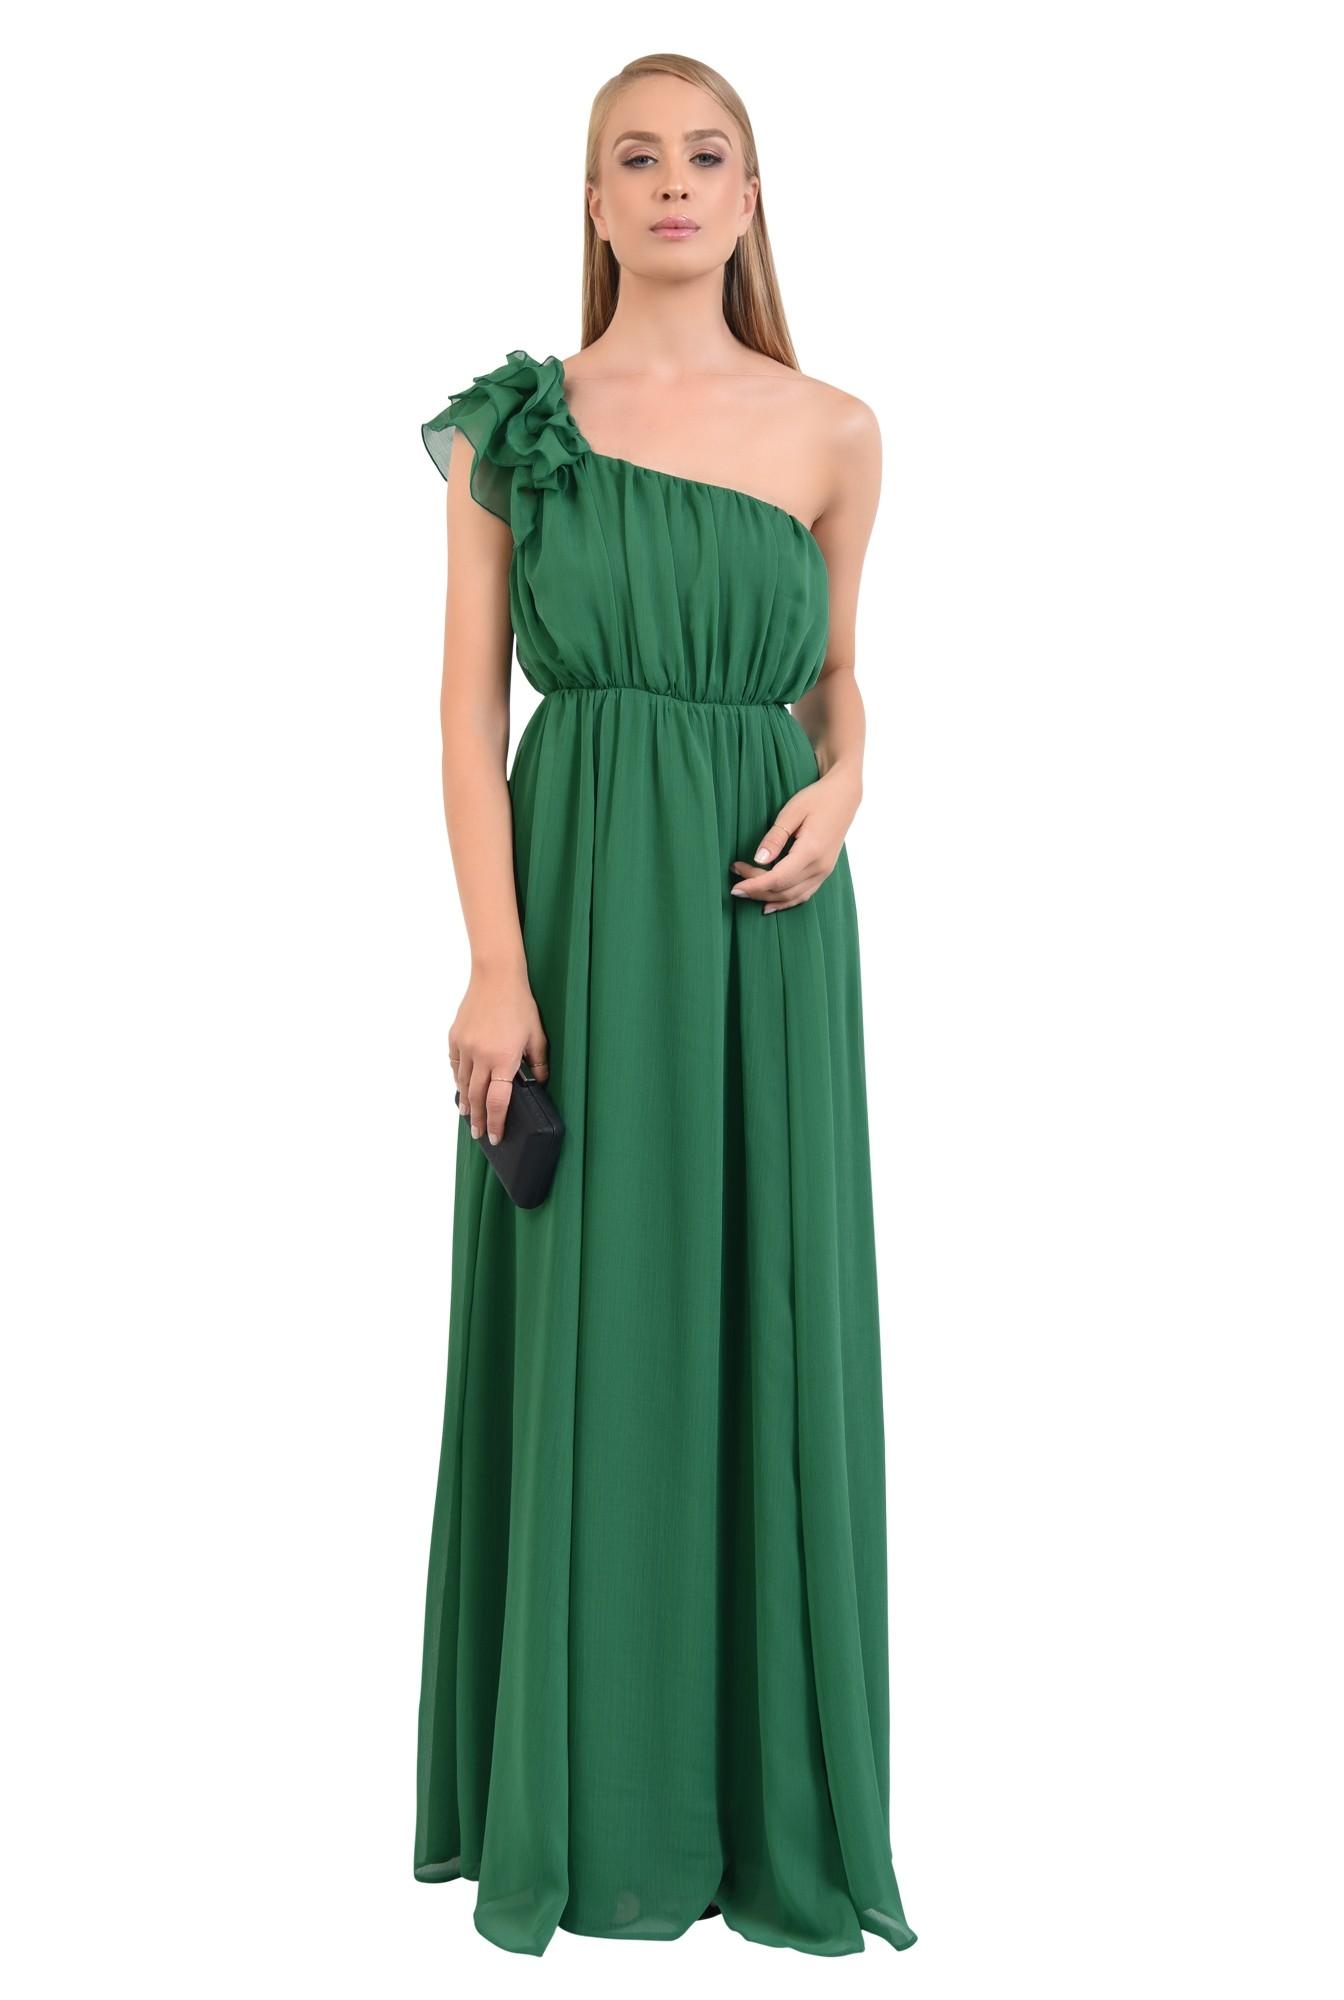 0 - rochie de seara, cu slit, din voal, croi evazat